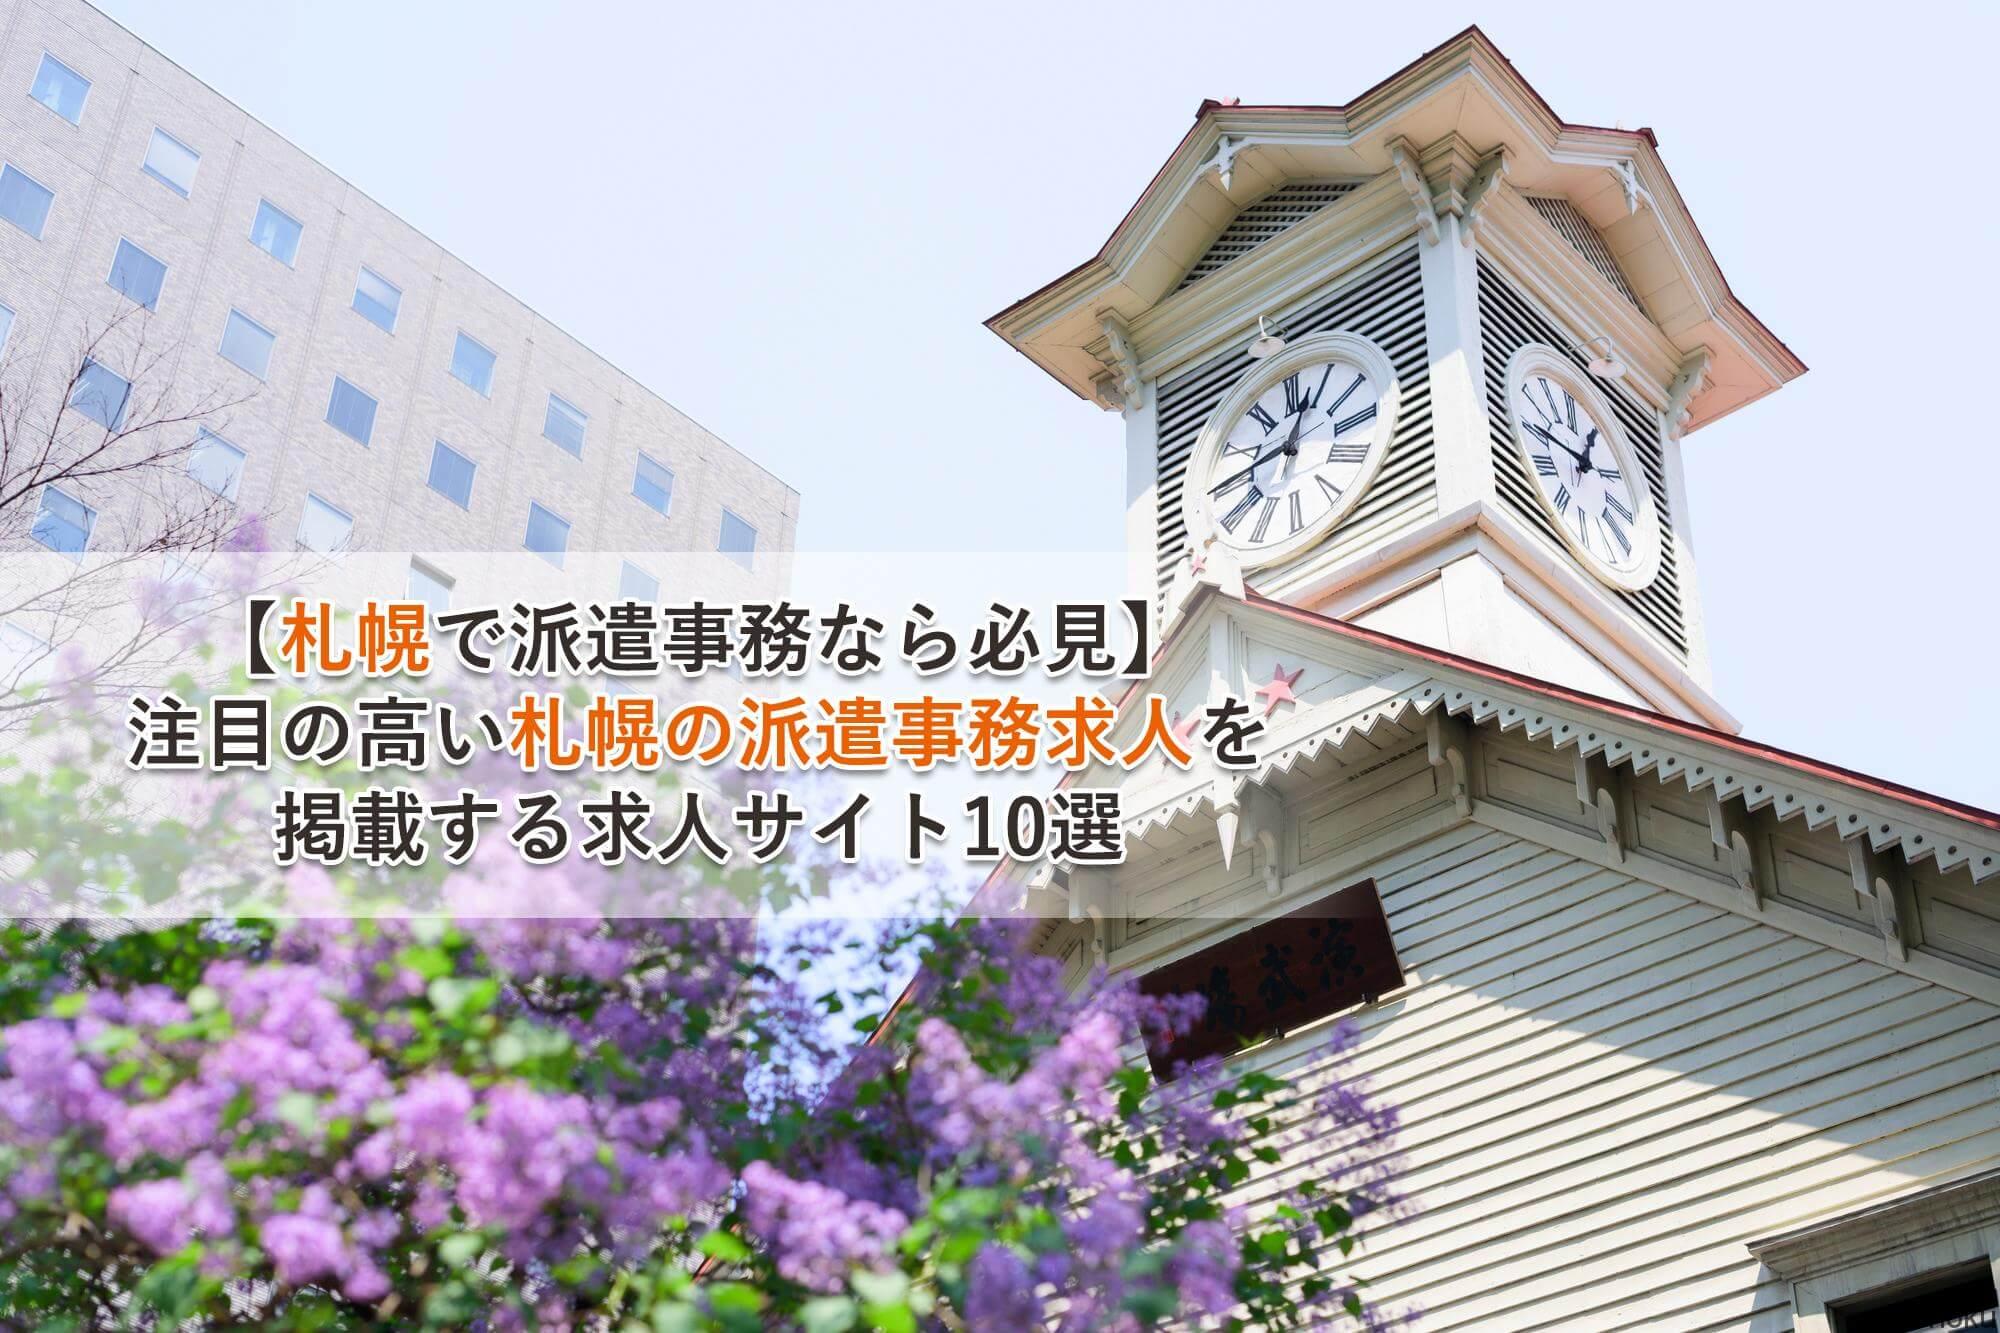 札幌で事務の派遣に強い求人サイト9選